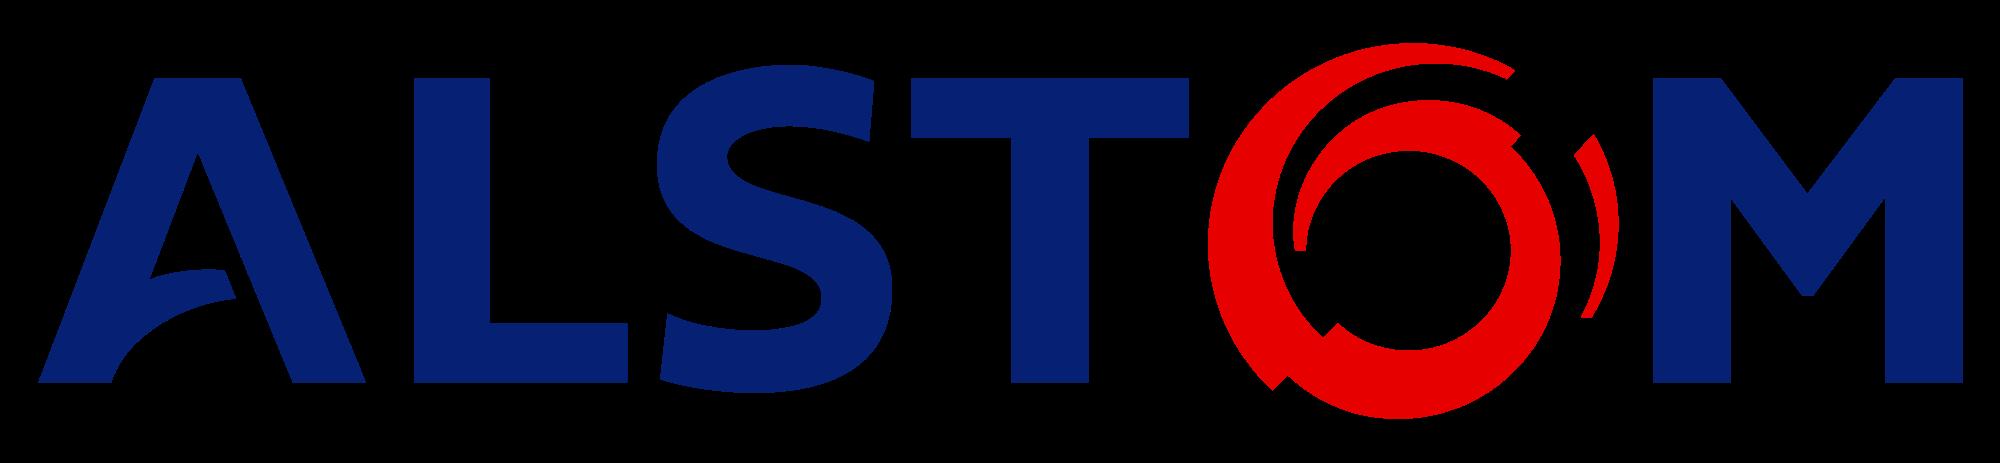 Alstom-EU-Japan-EPA-Forum-trade-investment-M-and-A-Europe